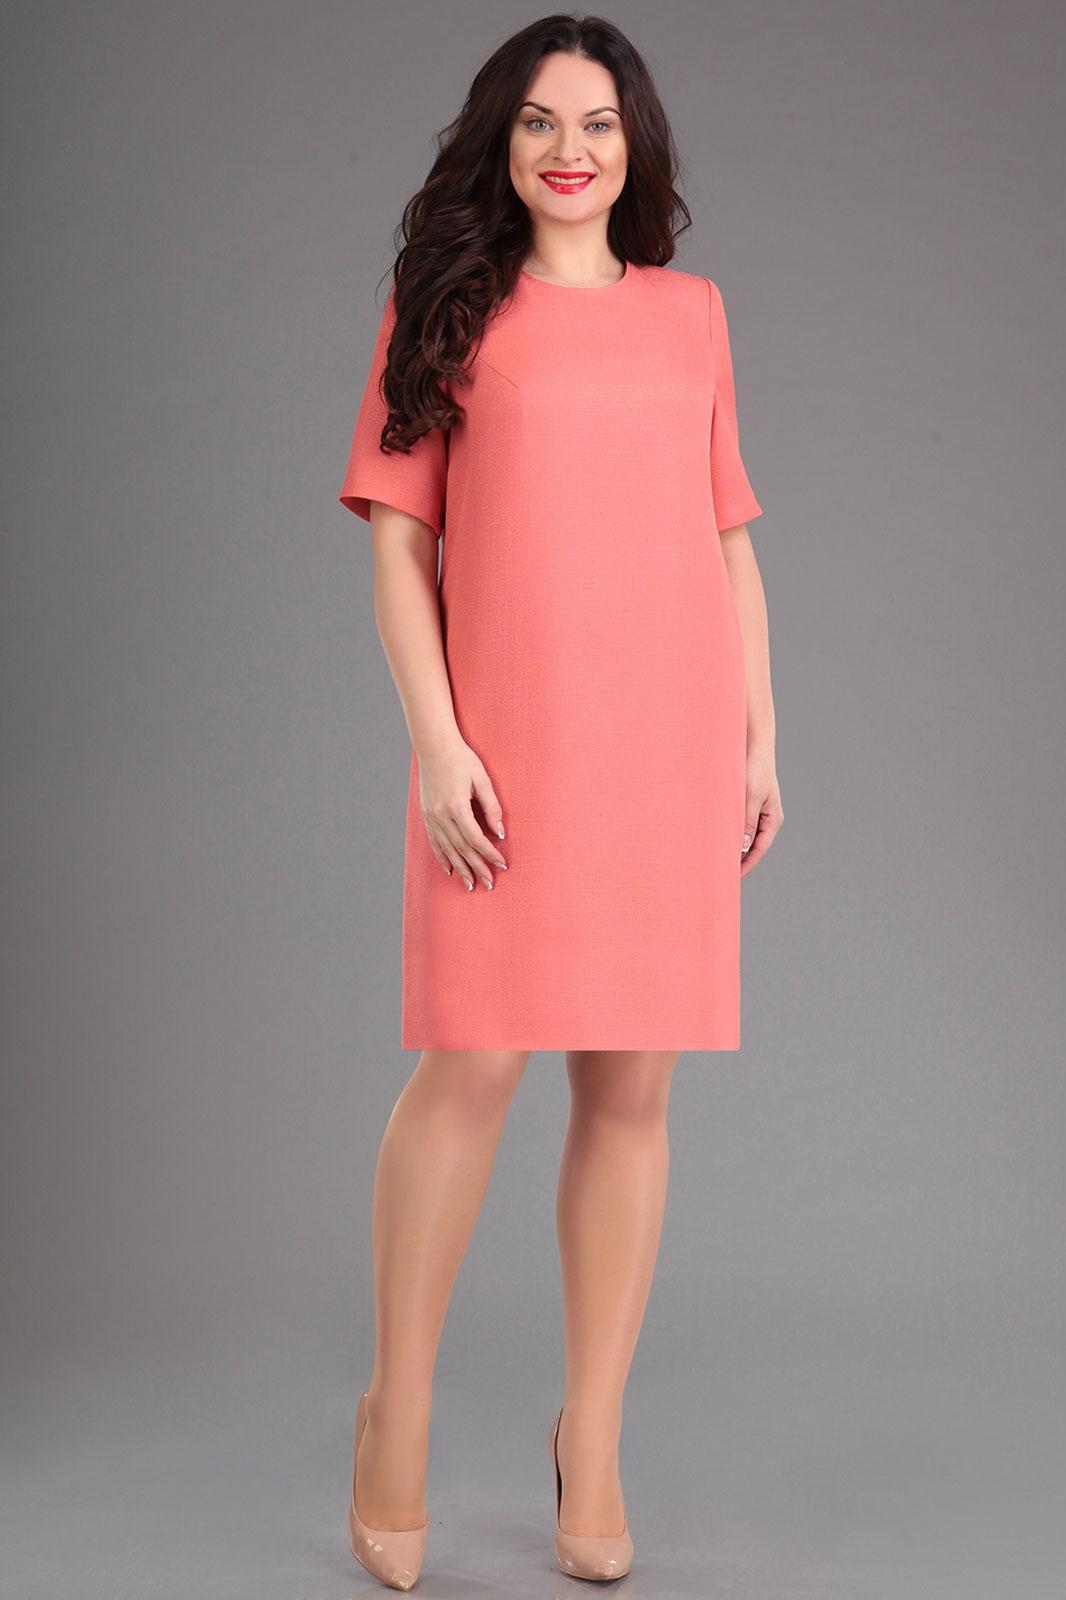 Купить Платье Ива, 922 терракотовый, Беларусь